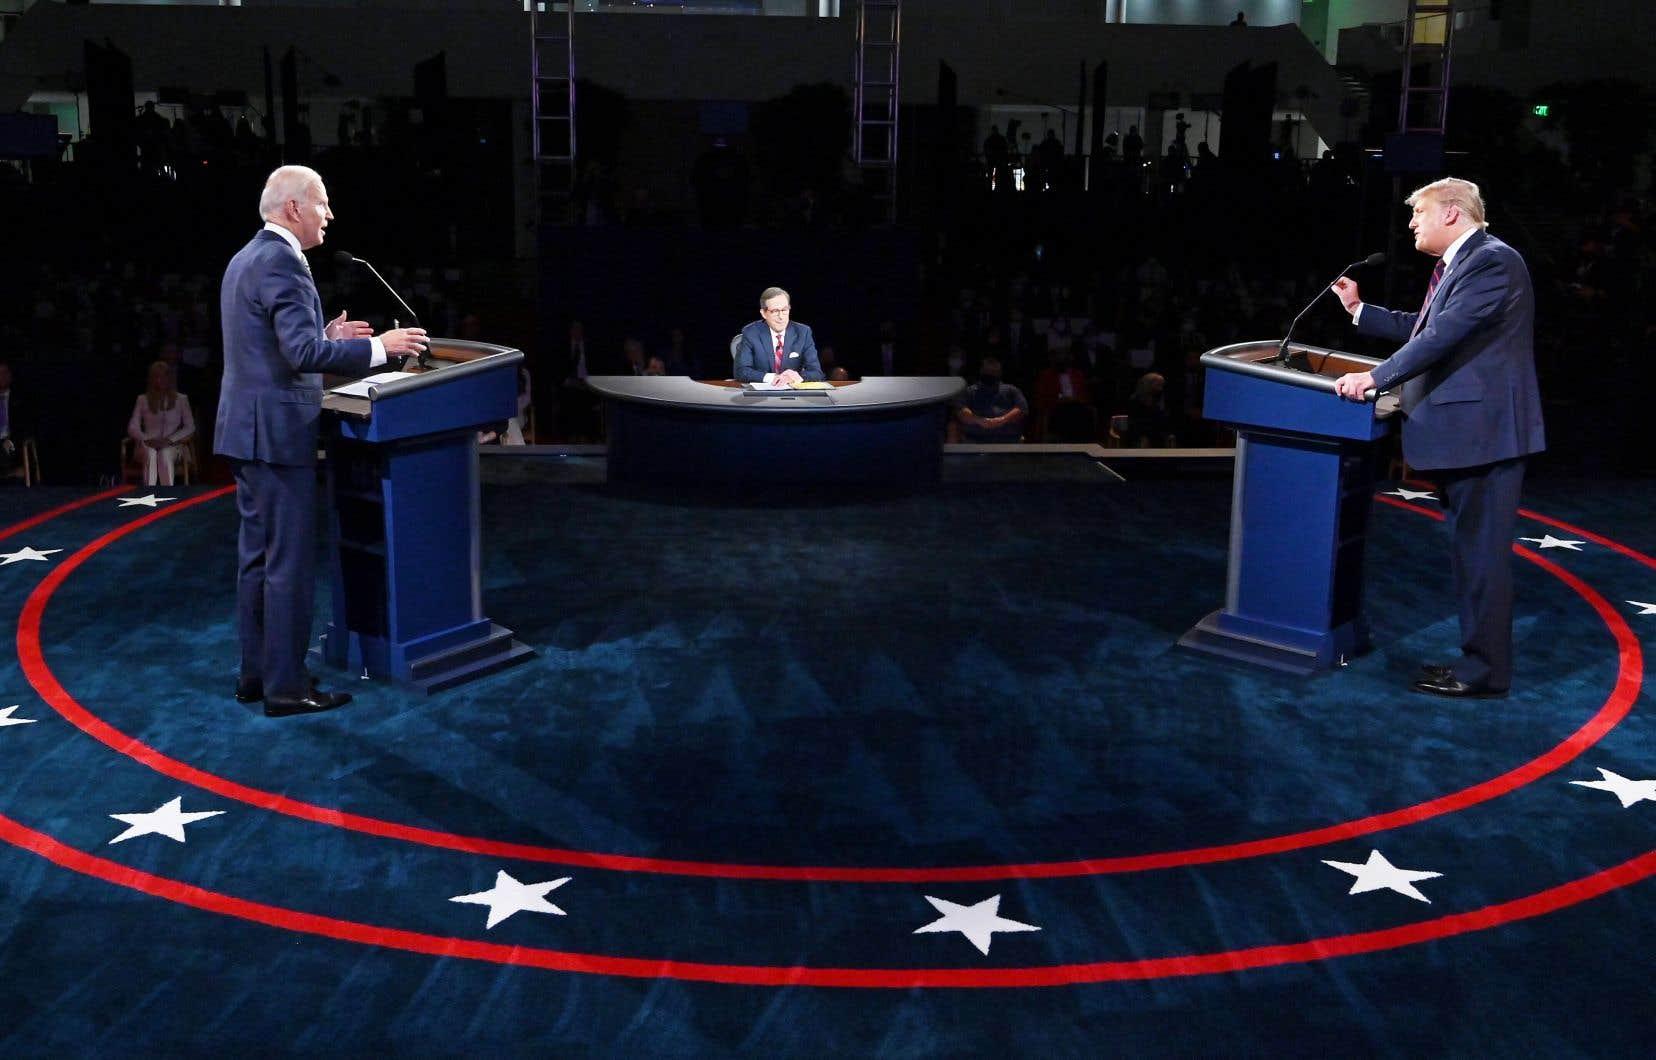 Le premier duel des deux candidats à la présidence, la semaine dernière, a été «sabordé», selon les démocrates, par l'attitude irrespectueuse du président américain.